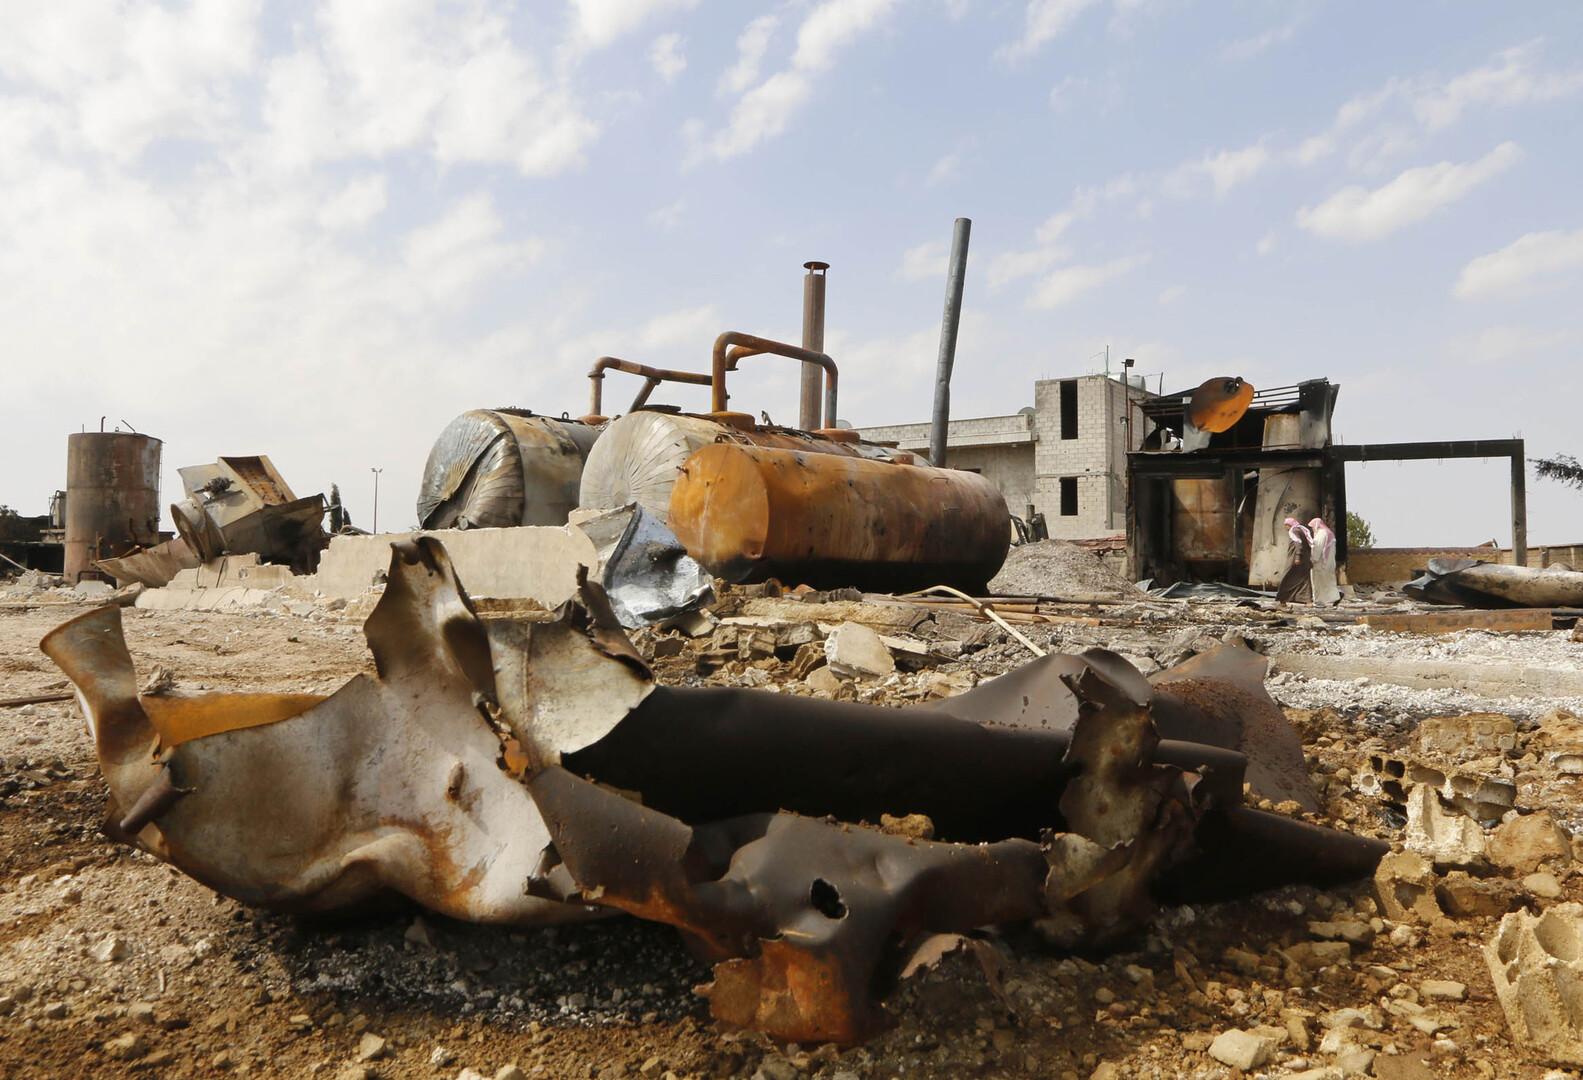 بدء إعادة إعمار حقول النفط والغاز في محافظة الرقة السورية